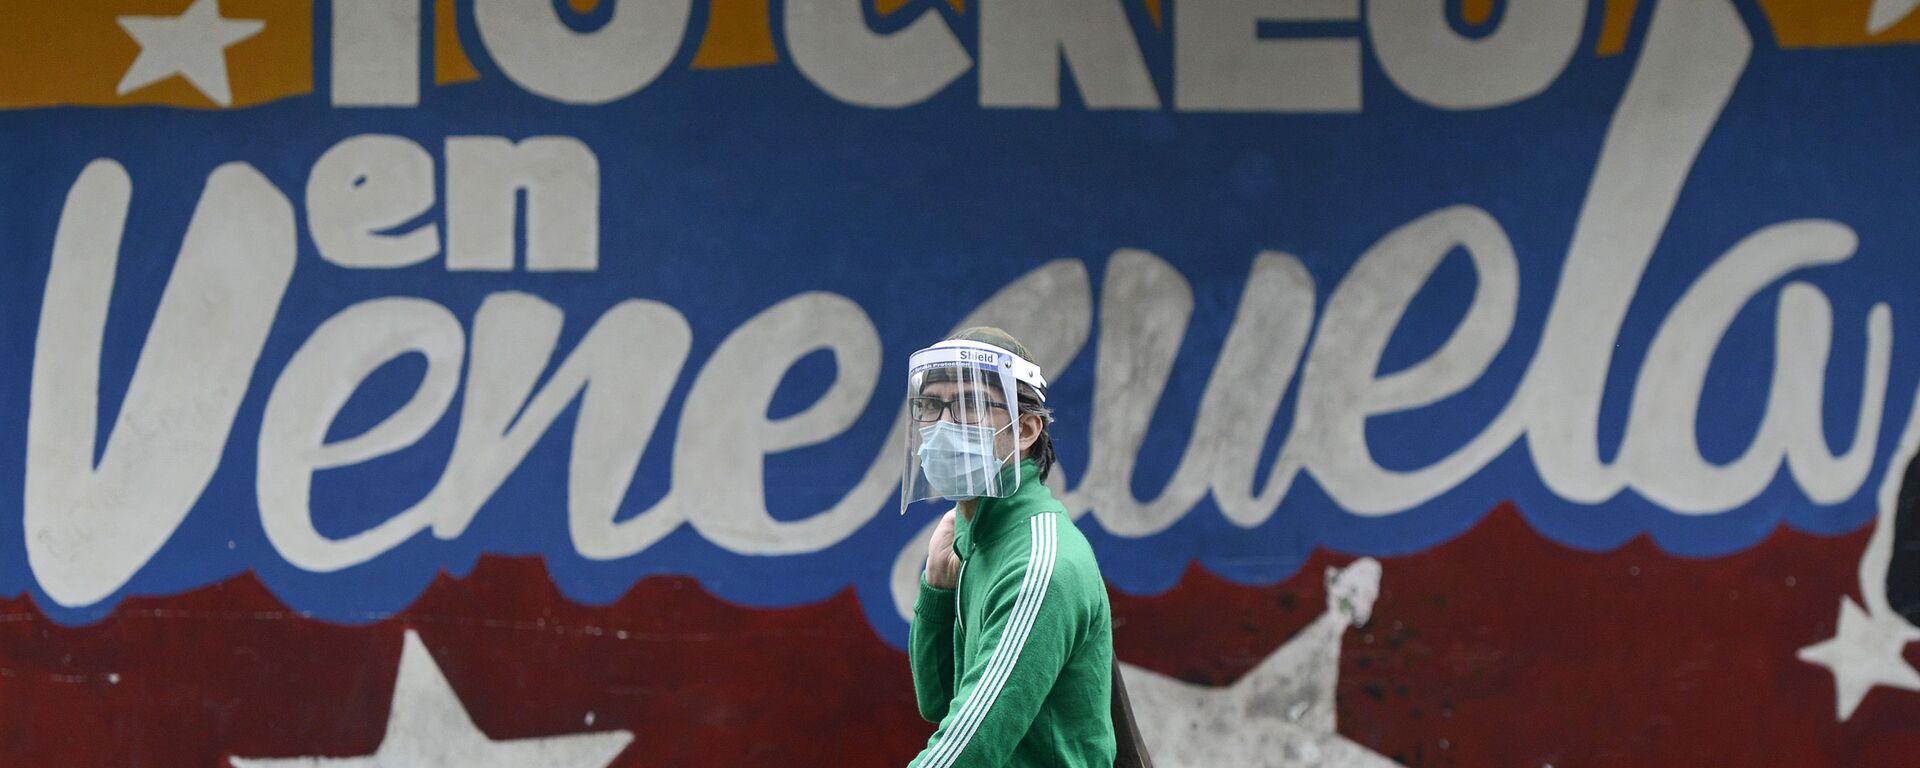 Un hombre pasa al lado de un mural en Caracas que dice yo creo en Venezuela - Sputnik Mundo, 1920, 27.05.2021